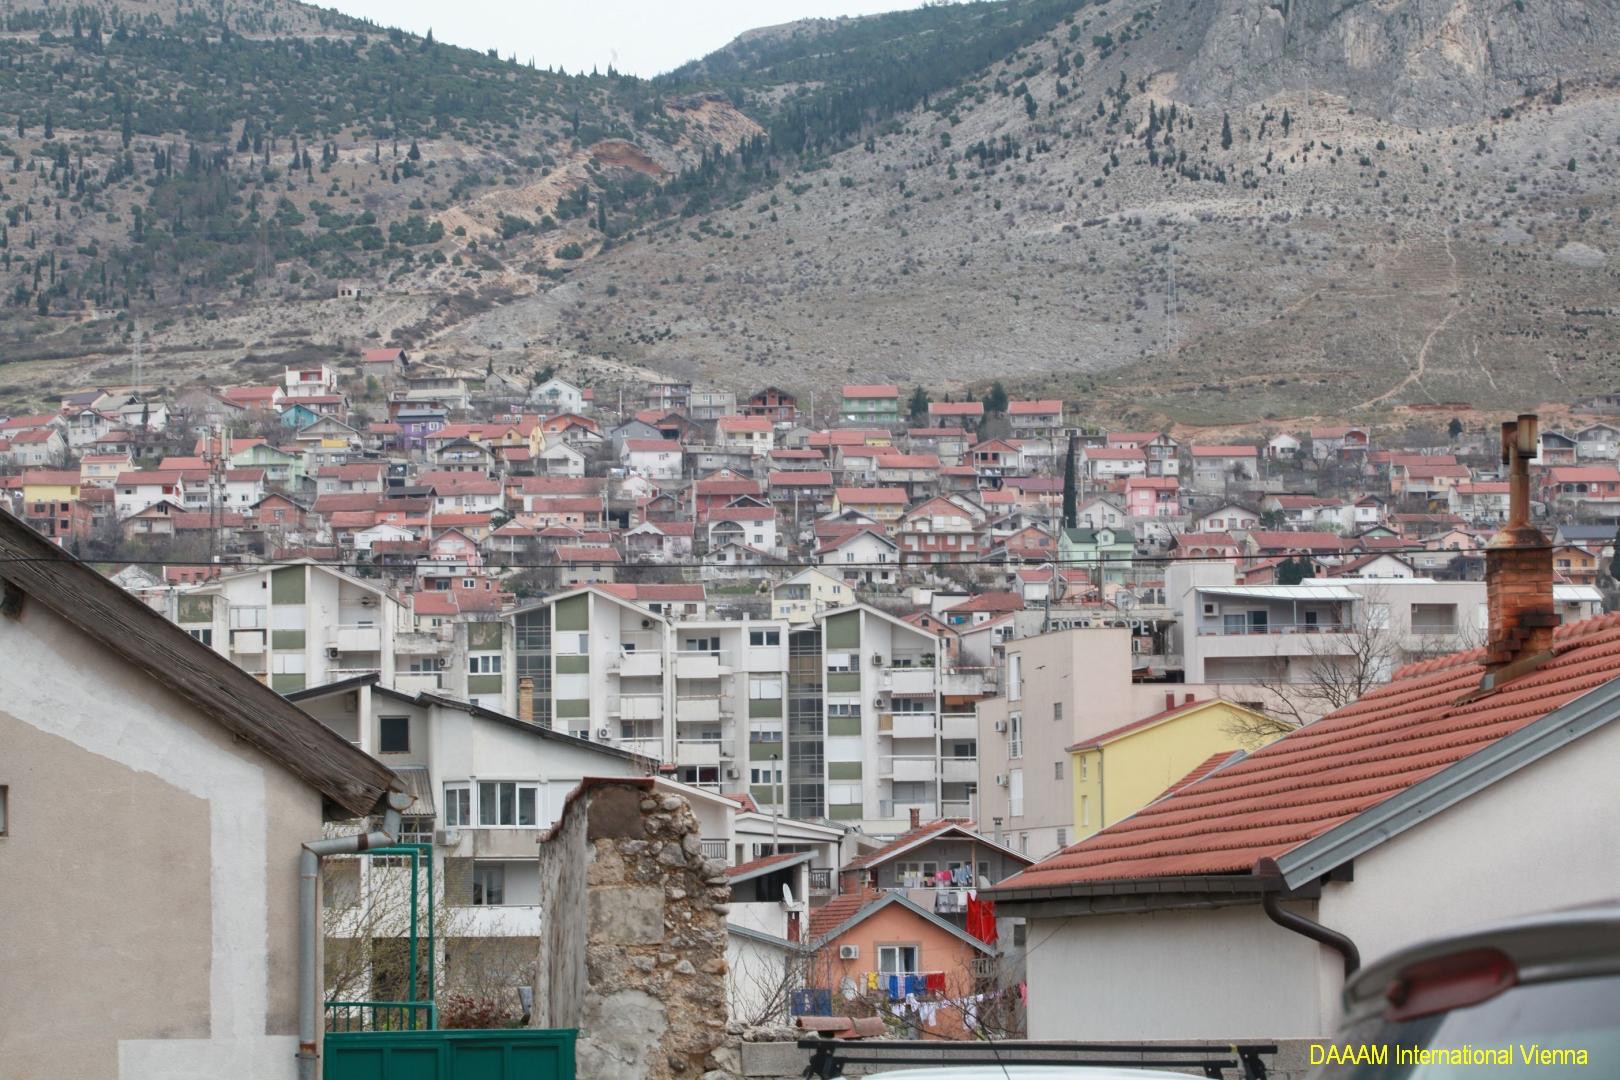 DAAAM_2016_Mostar_01_Magic_City_of_Mostar_151